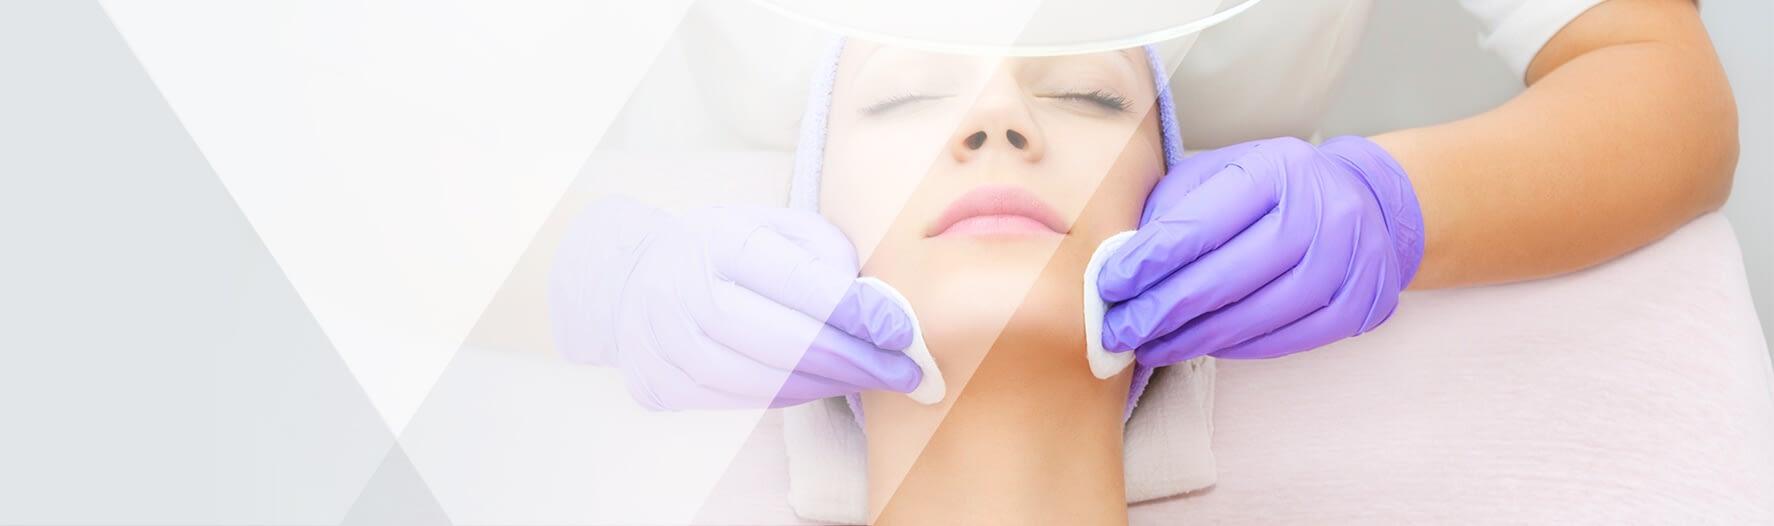 Dermatólogo Pilar Torres - Terapia de limpieza